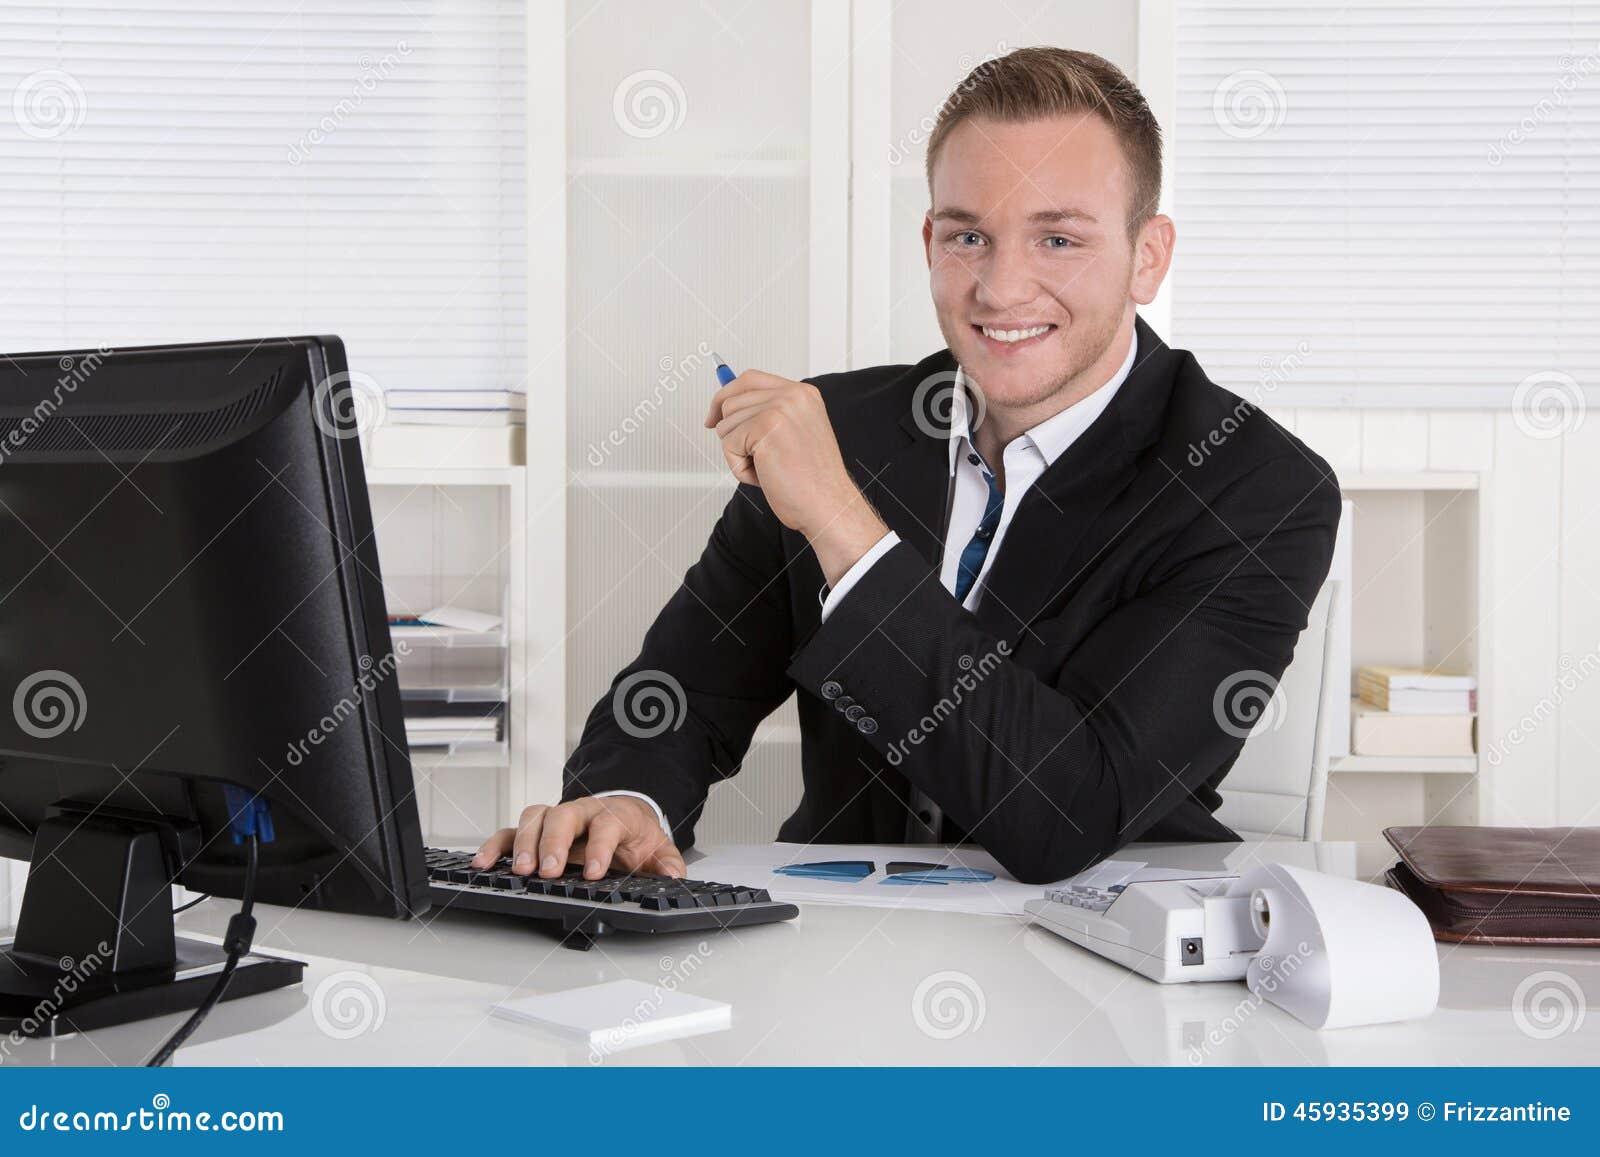 Porträt: Hübscher junger Geschäftsmann in sitzendem herein lächeln der Klage